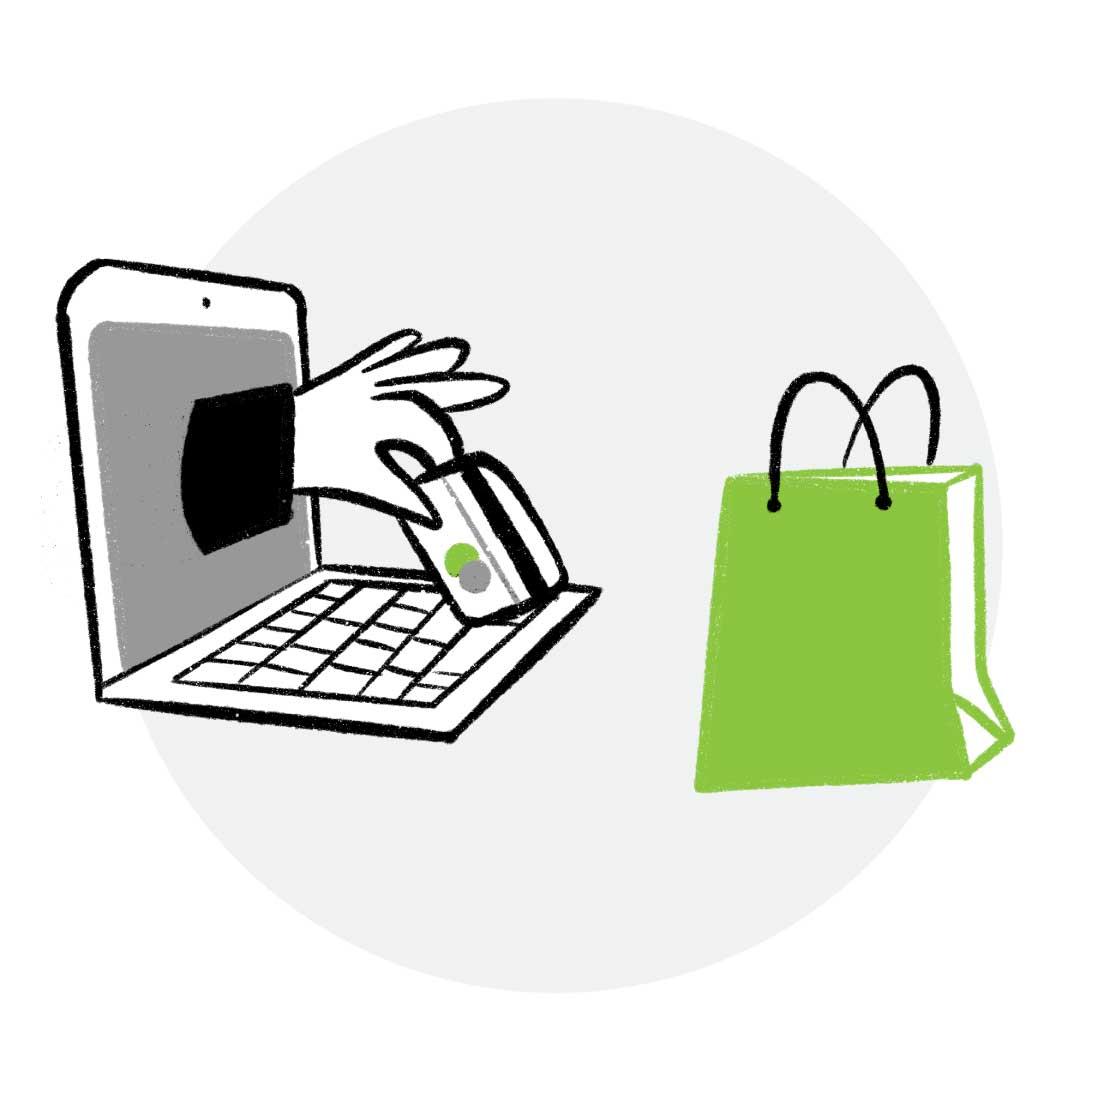 E-commerce & Web